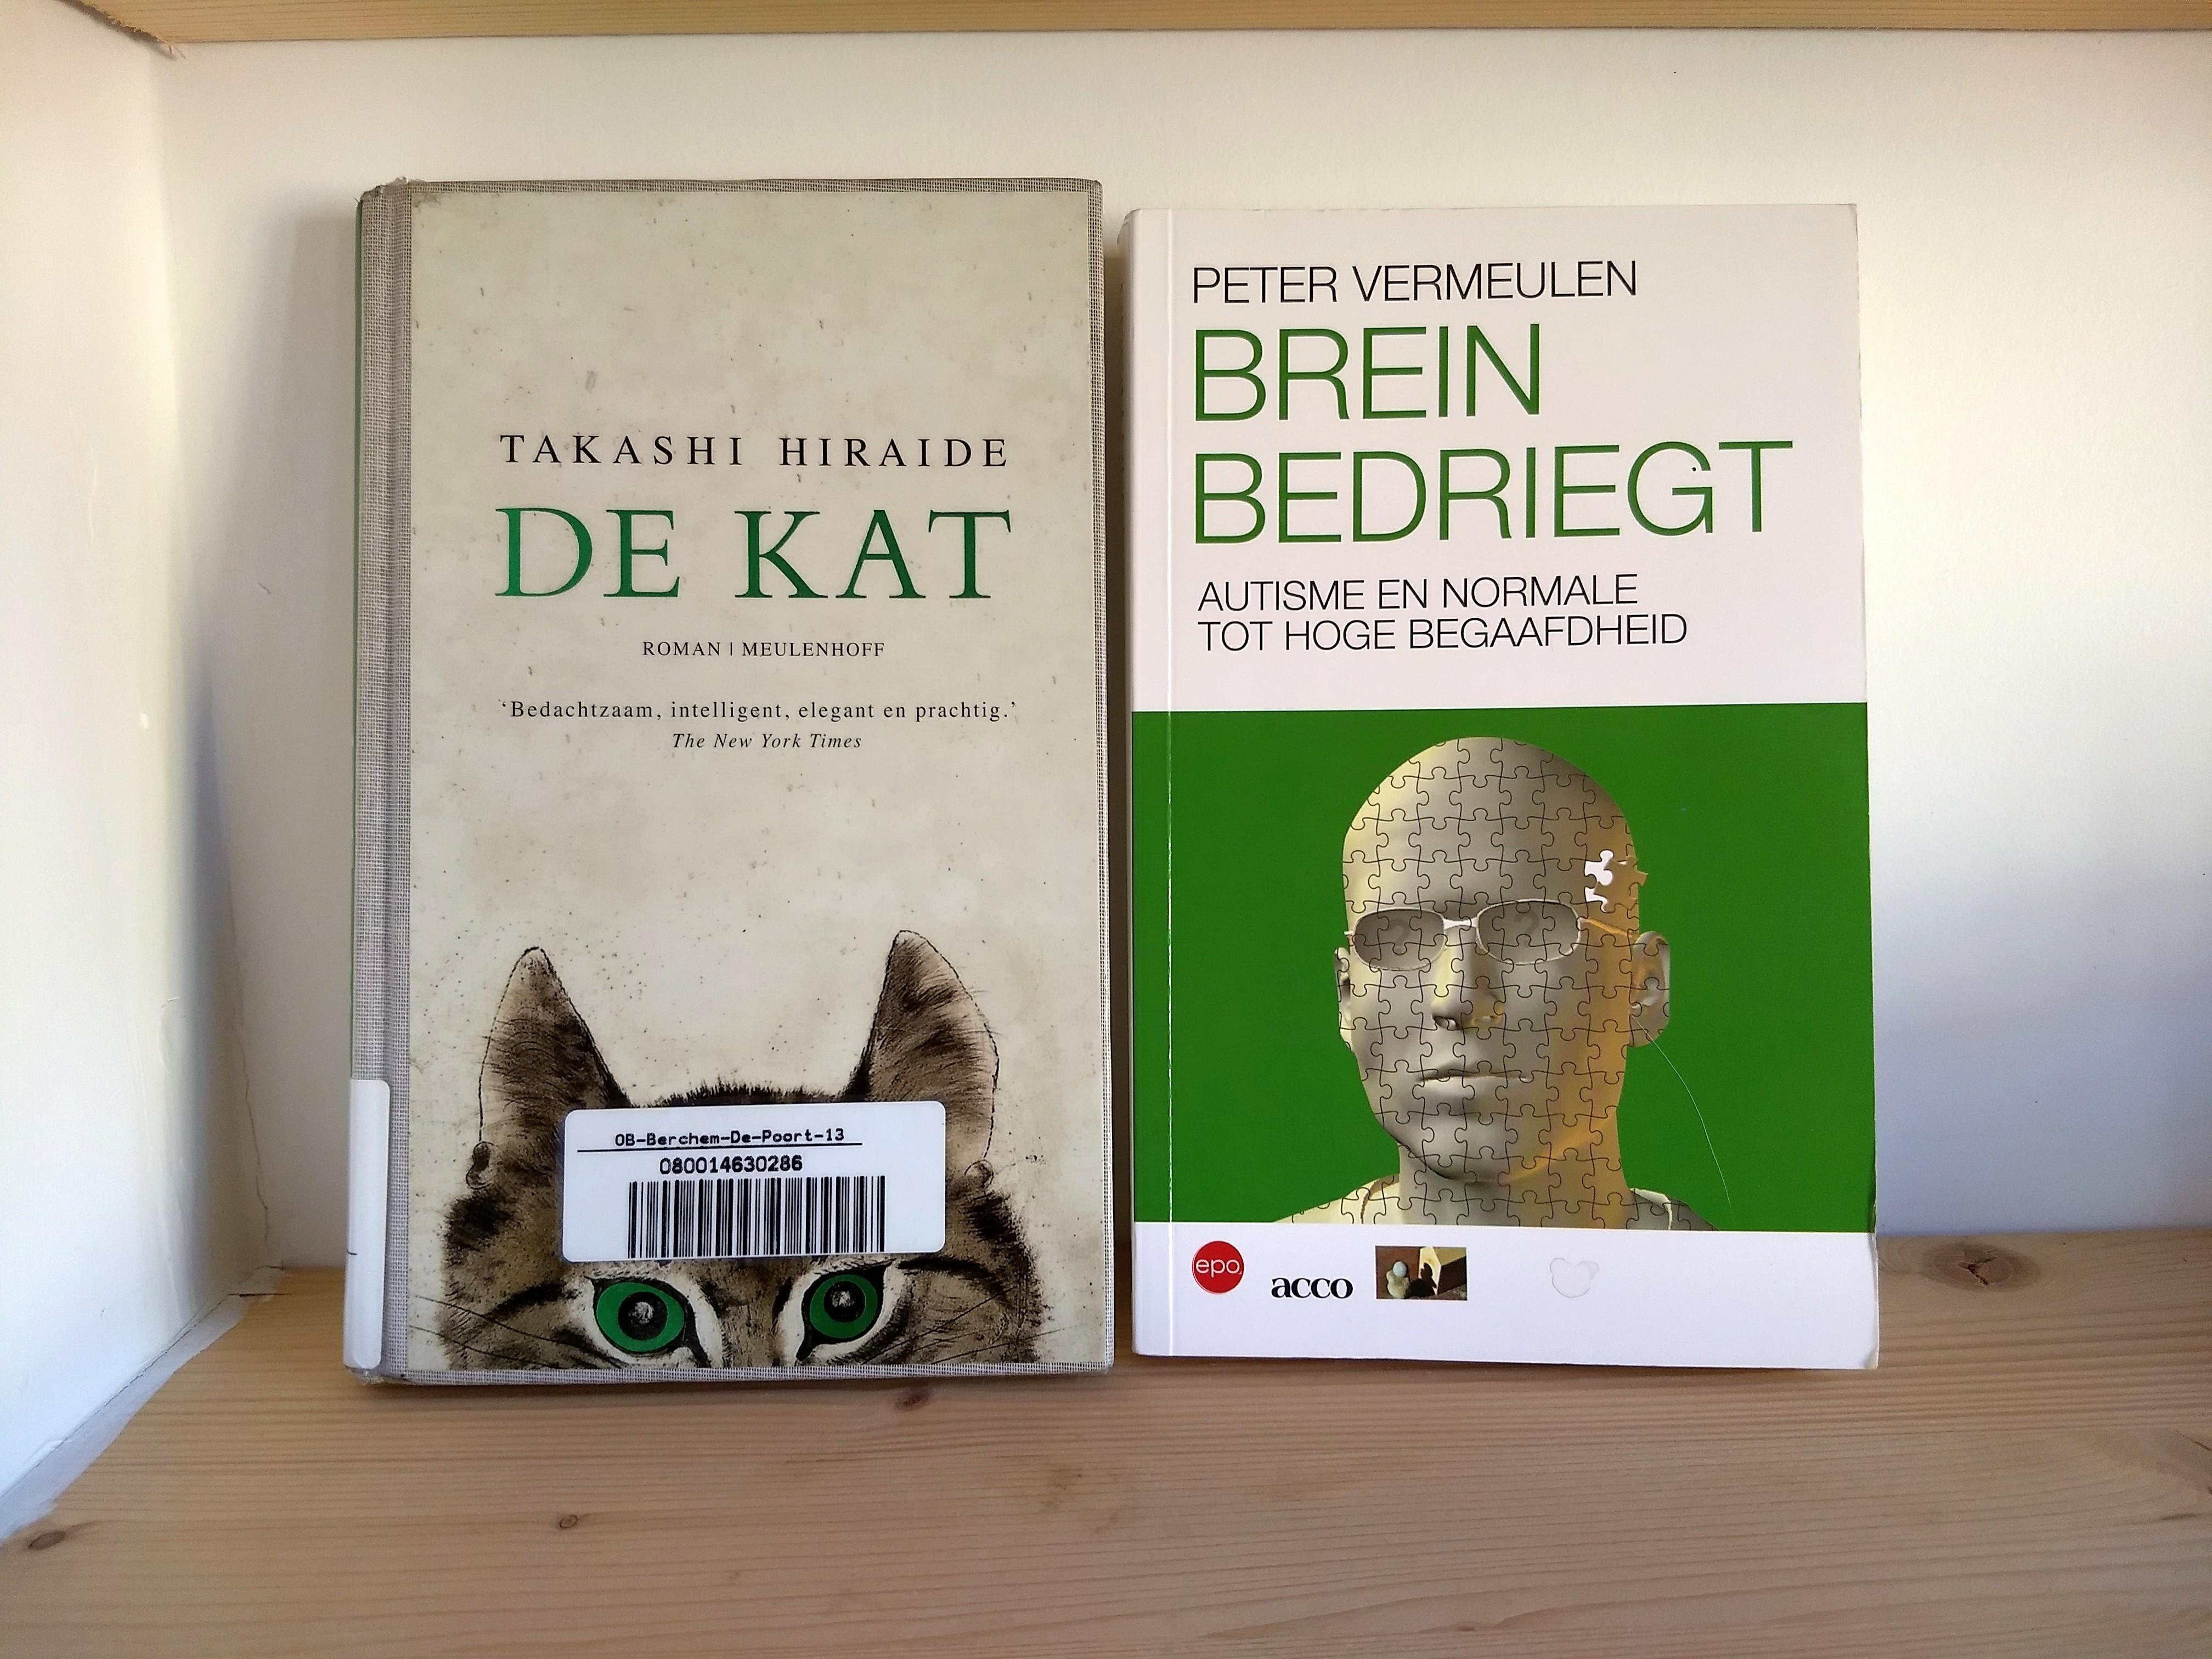 De kat en Brein bedriegt